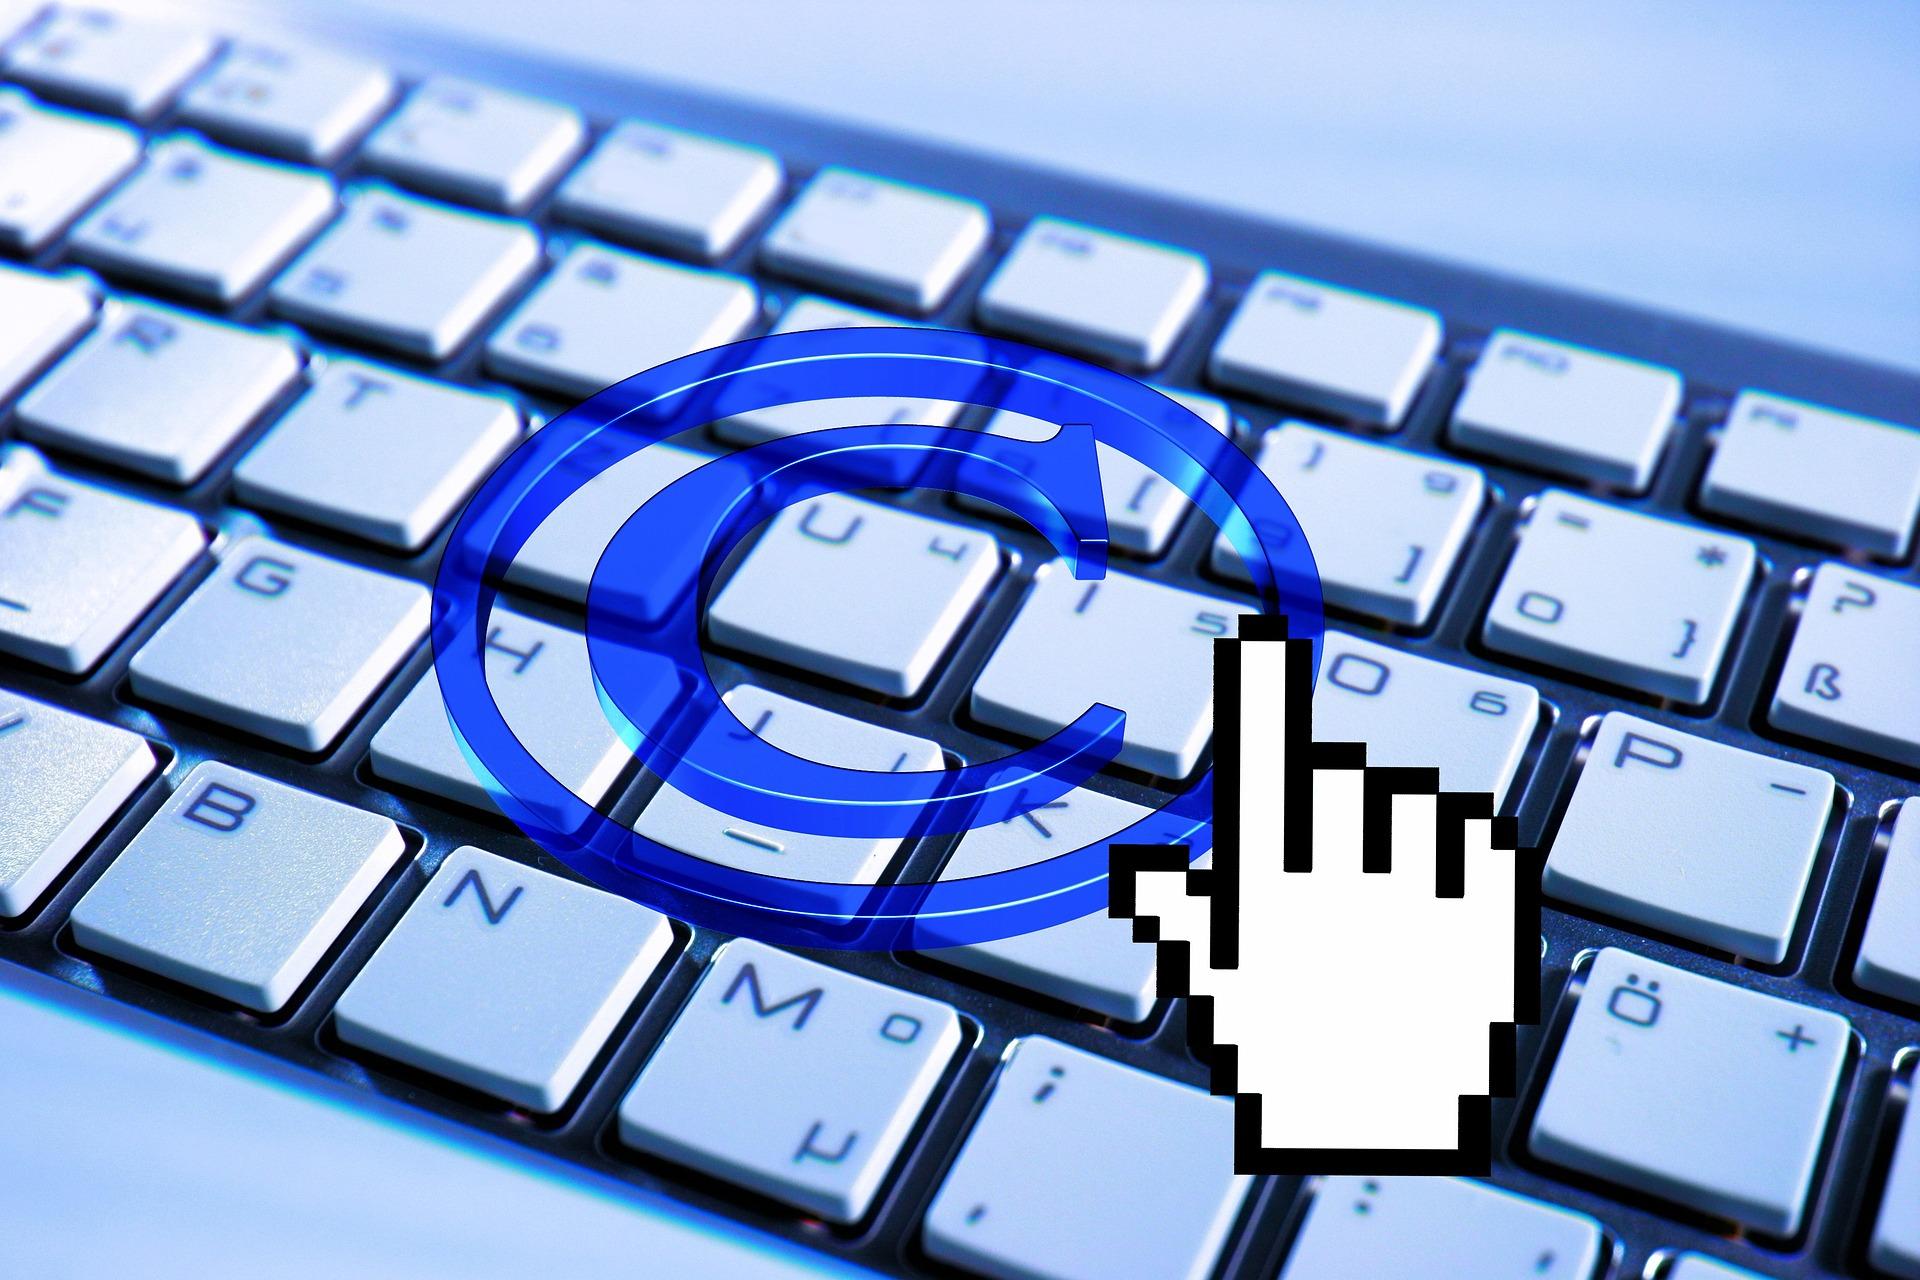 Neues EU-Urheberrecht: Das sagen die Abgeordneten aus der Region